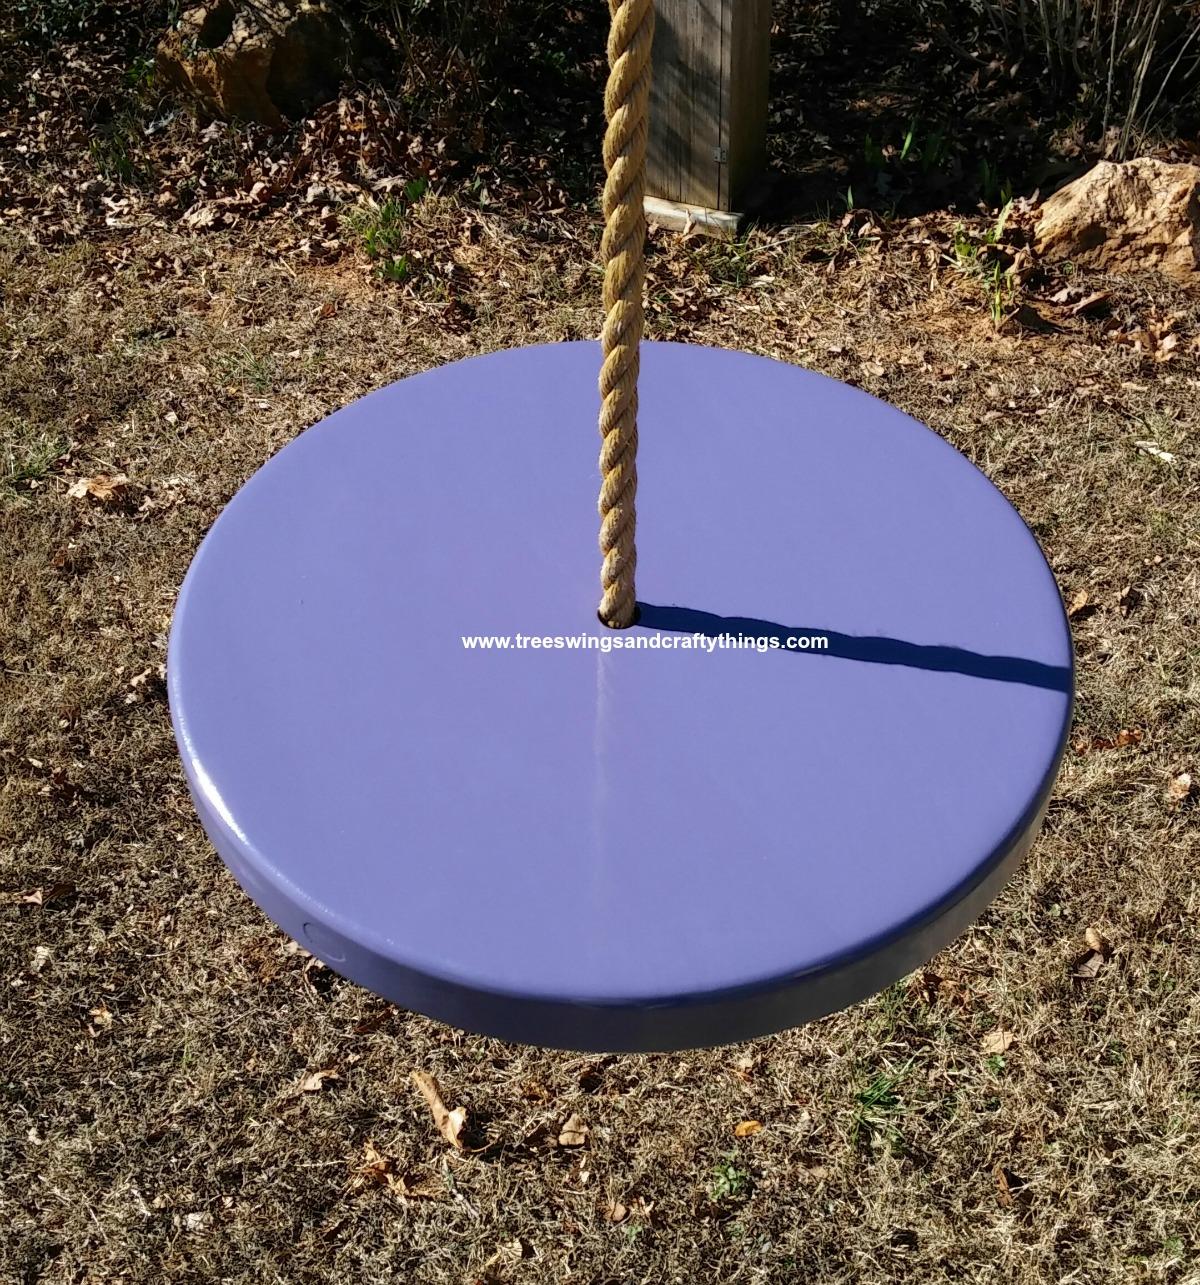 Purple Disc Tree Swing